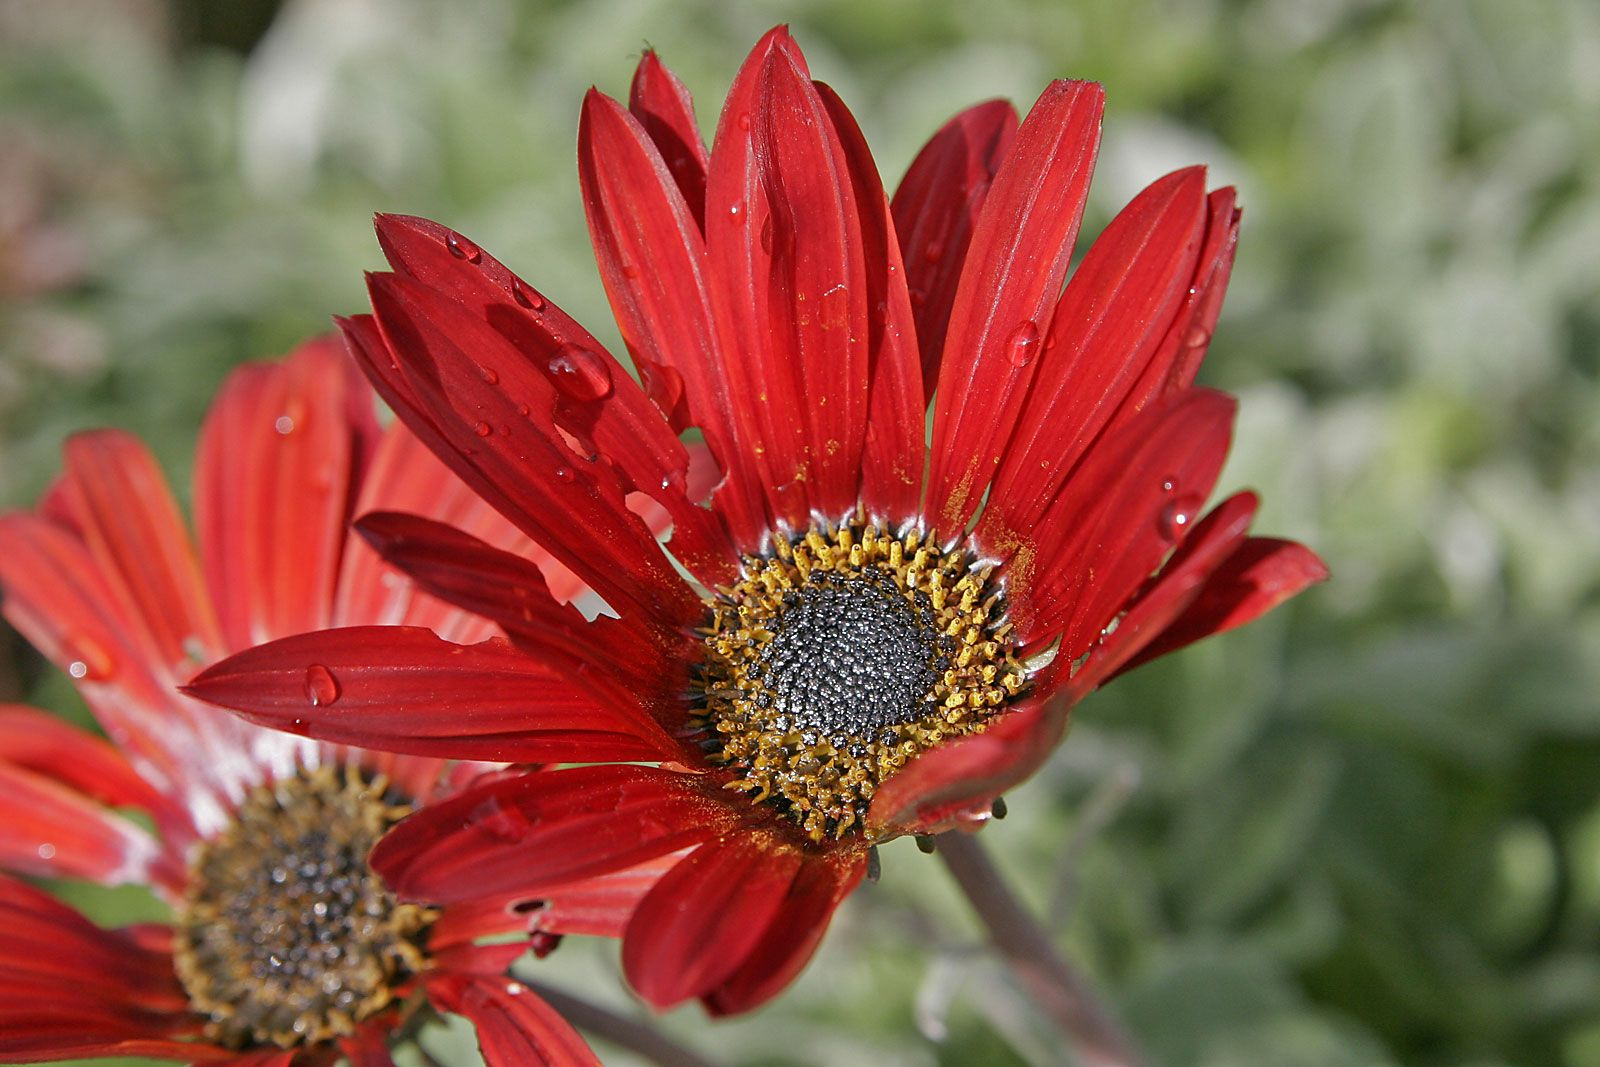 Arctotis It Is A Daisy Like Flower That Has Asilvery Underside